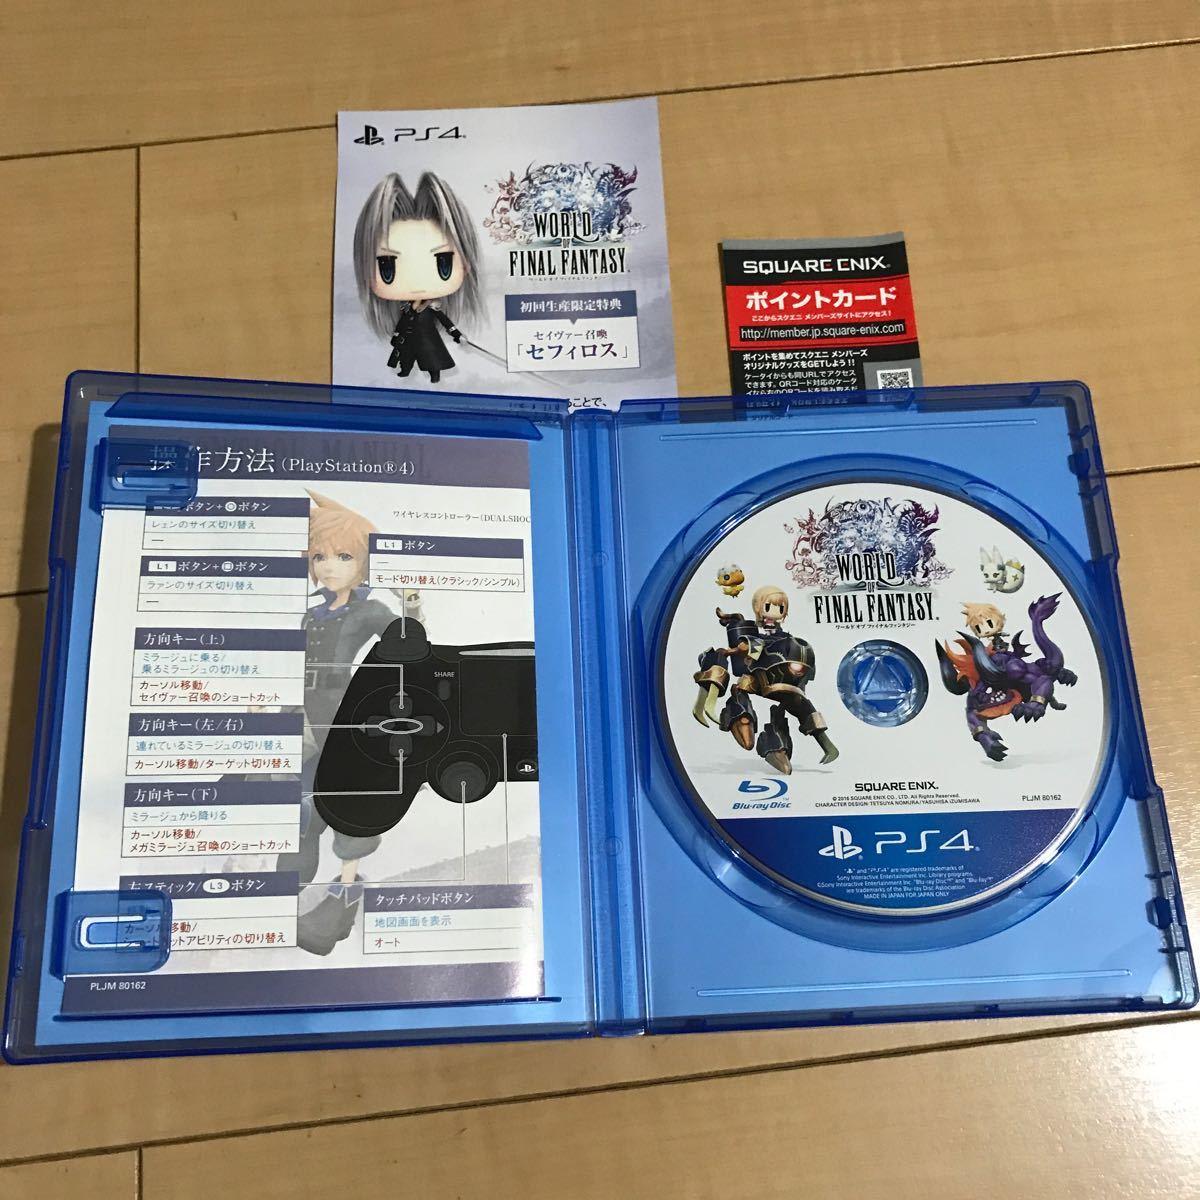 ワールドオブファイナルファンタジー PS4ソフト